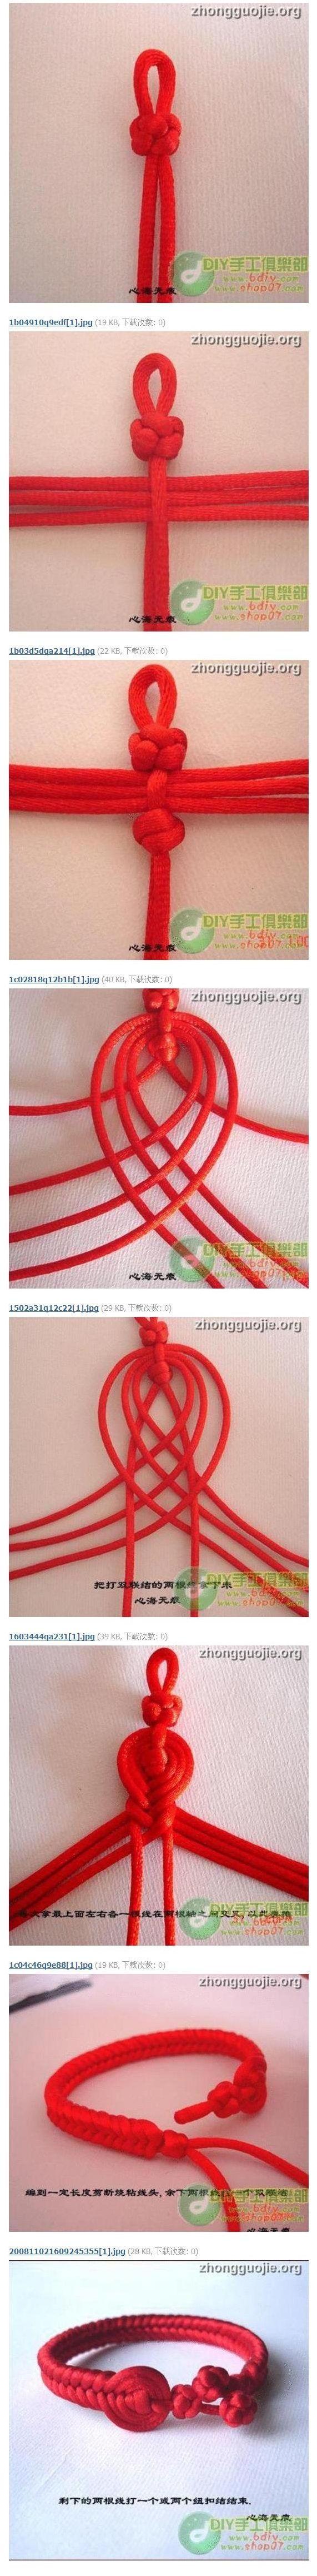 DIY Lucky Knot Bracelet